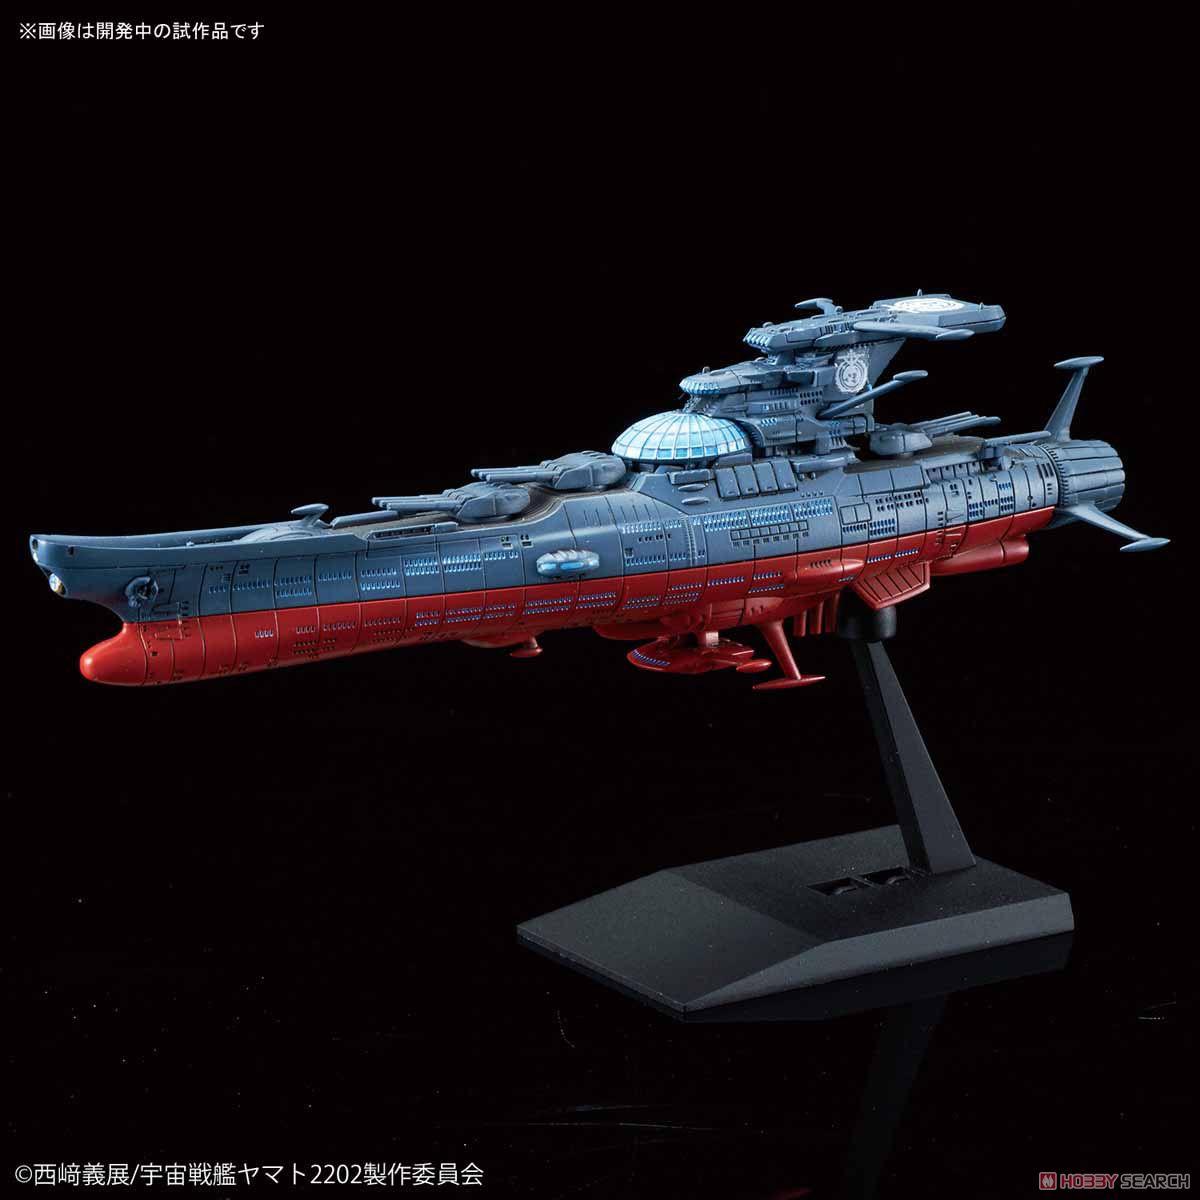 波動実験艦 銀河 (プラモデル)